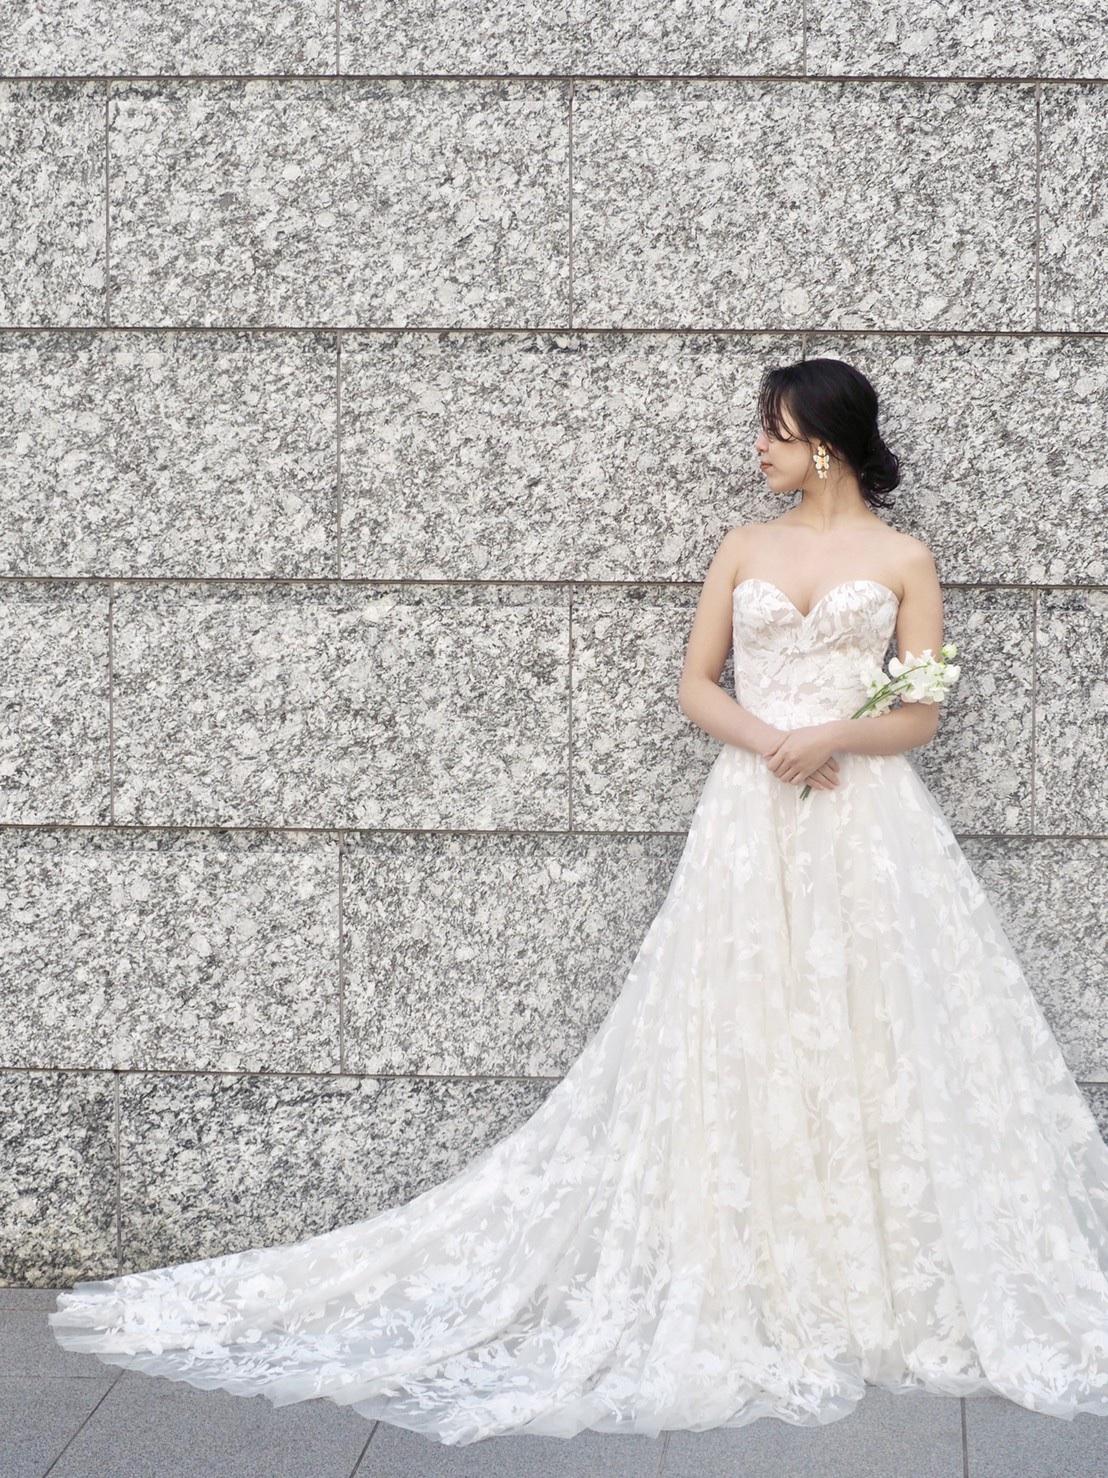 モニークルイリエ(Monique Lhuillier)の姉妹ブランド、ブリスモニークルイリエの販売ウェディングドレスよりスパンコールの刺繍が全体に施されたドレスのご紹介